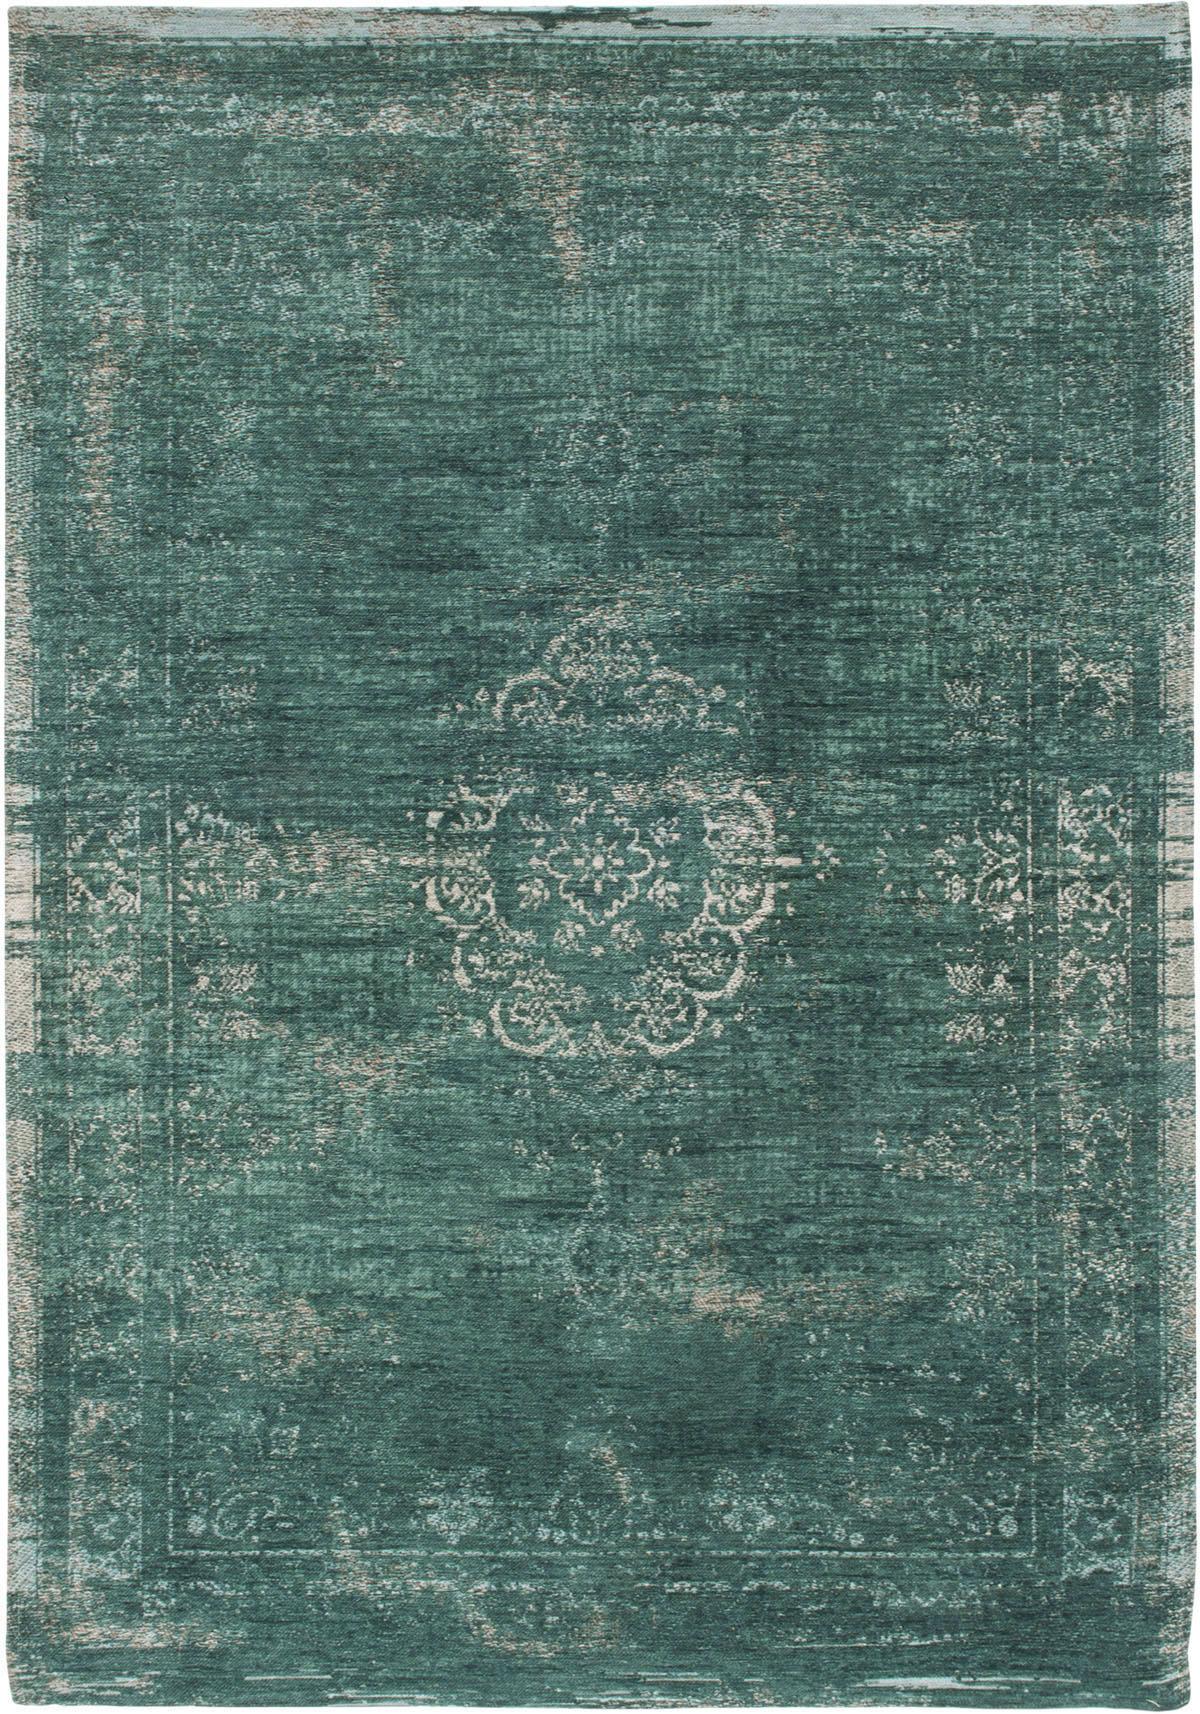 Zielony Dywan Klasyczny - JADE 8258 - Rozmiar: 230x330 cm